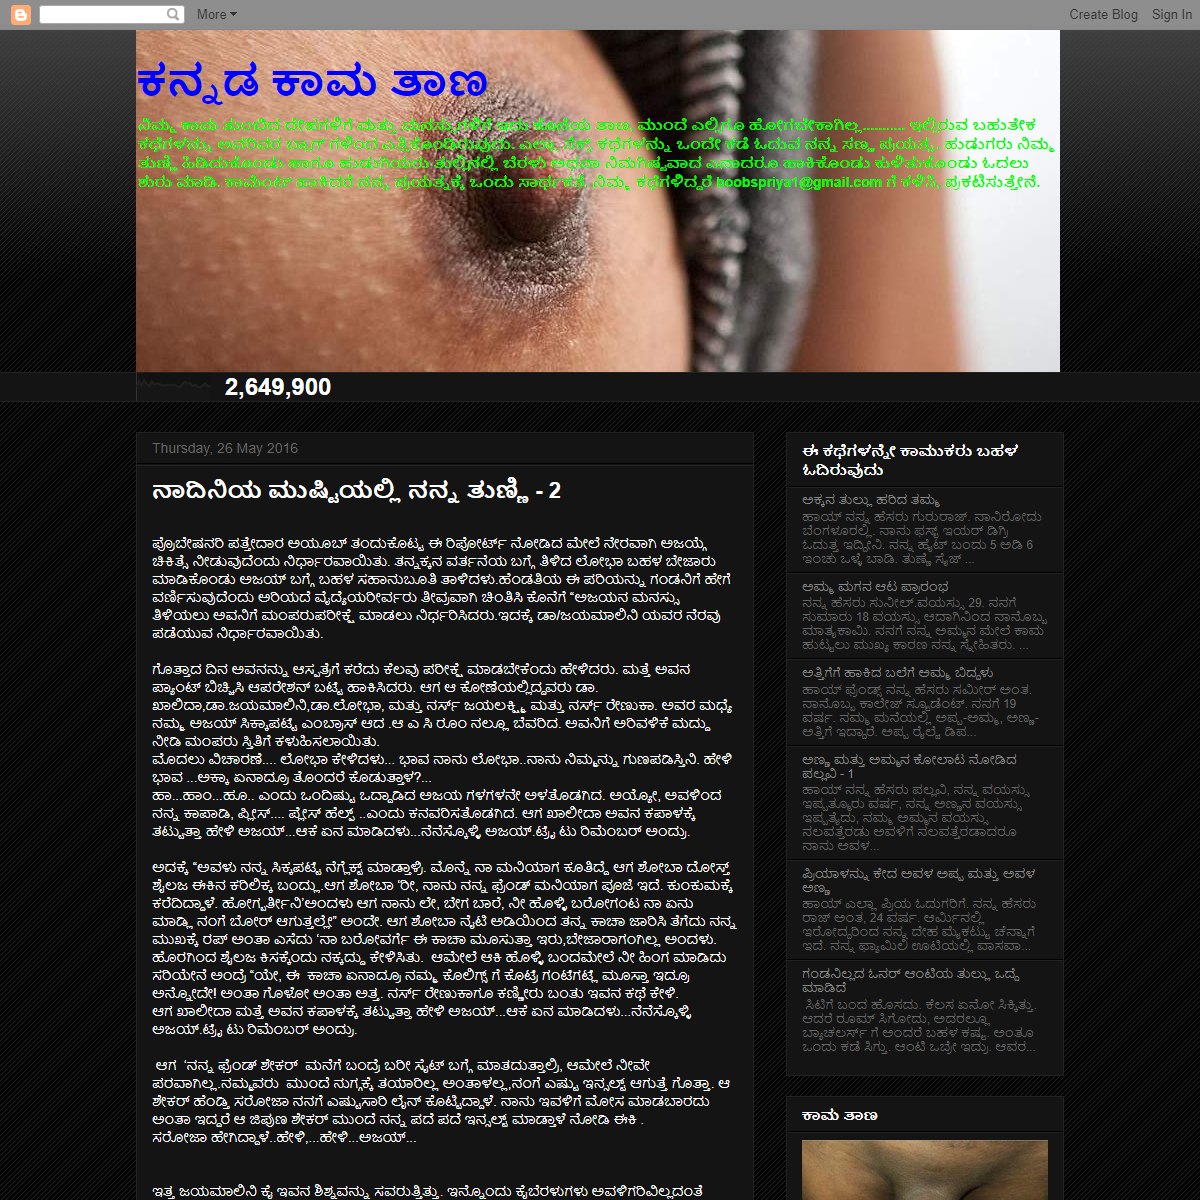 ಕನ್ನಡ ಕಾಮ ತಾಣ- ನಾದಿನಿಯ ಮುಷ್ಟಿಯಲ್ಲಿ ನನ್ನ ತುಣ್ಣಿ - 2